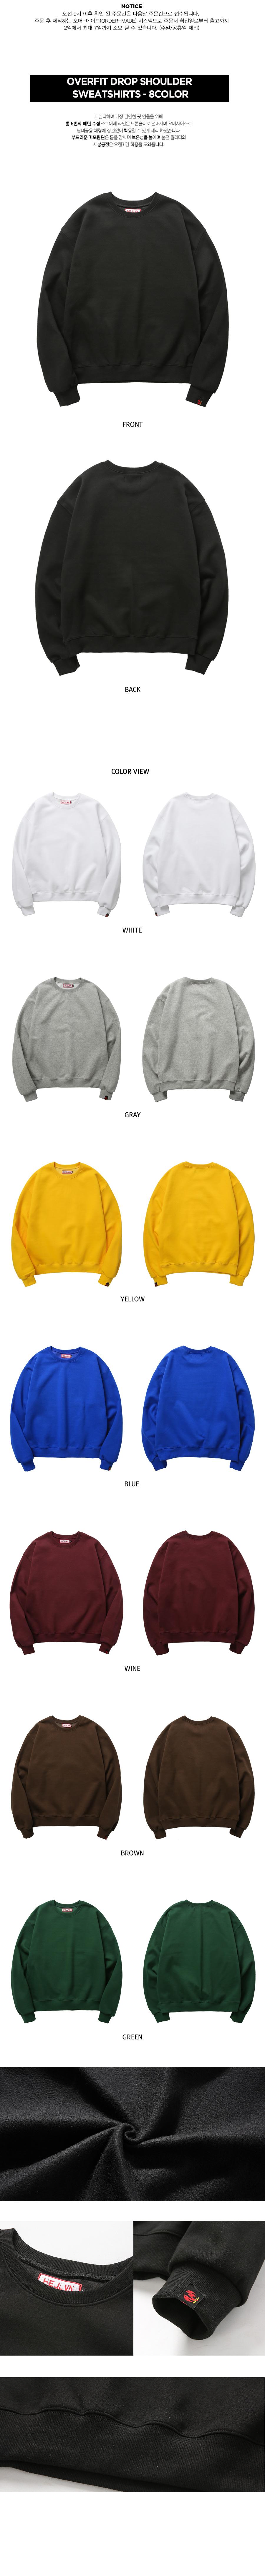 헬븐(HELLVN) Set Package Overfit Drop Shoulder Hellvn Sweatshirts - muji - 무지오버핏맨투맨 - 두장세트